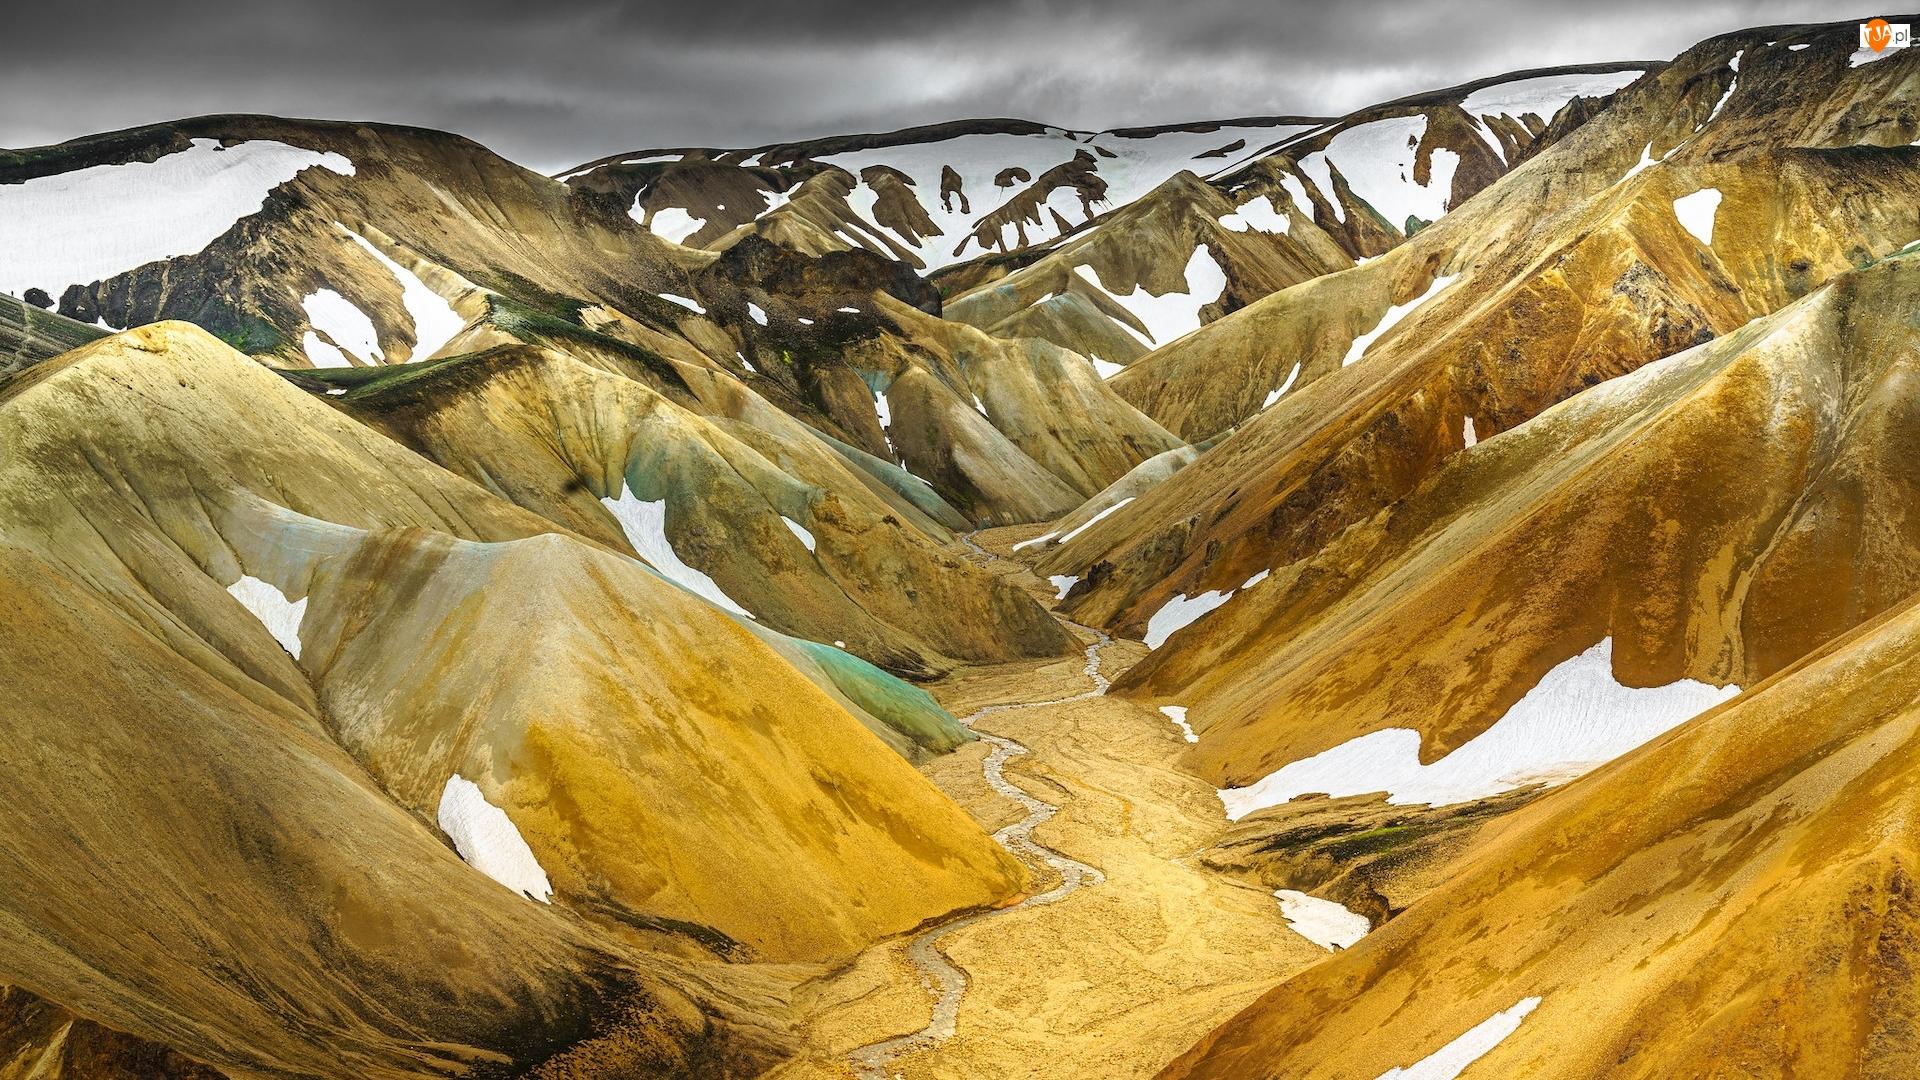 Tęczowe Góry, Śnieg, Landmannalaugar, Islandia, Wąwóz